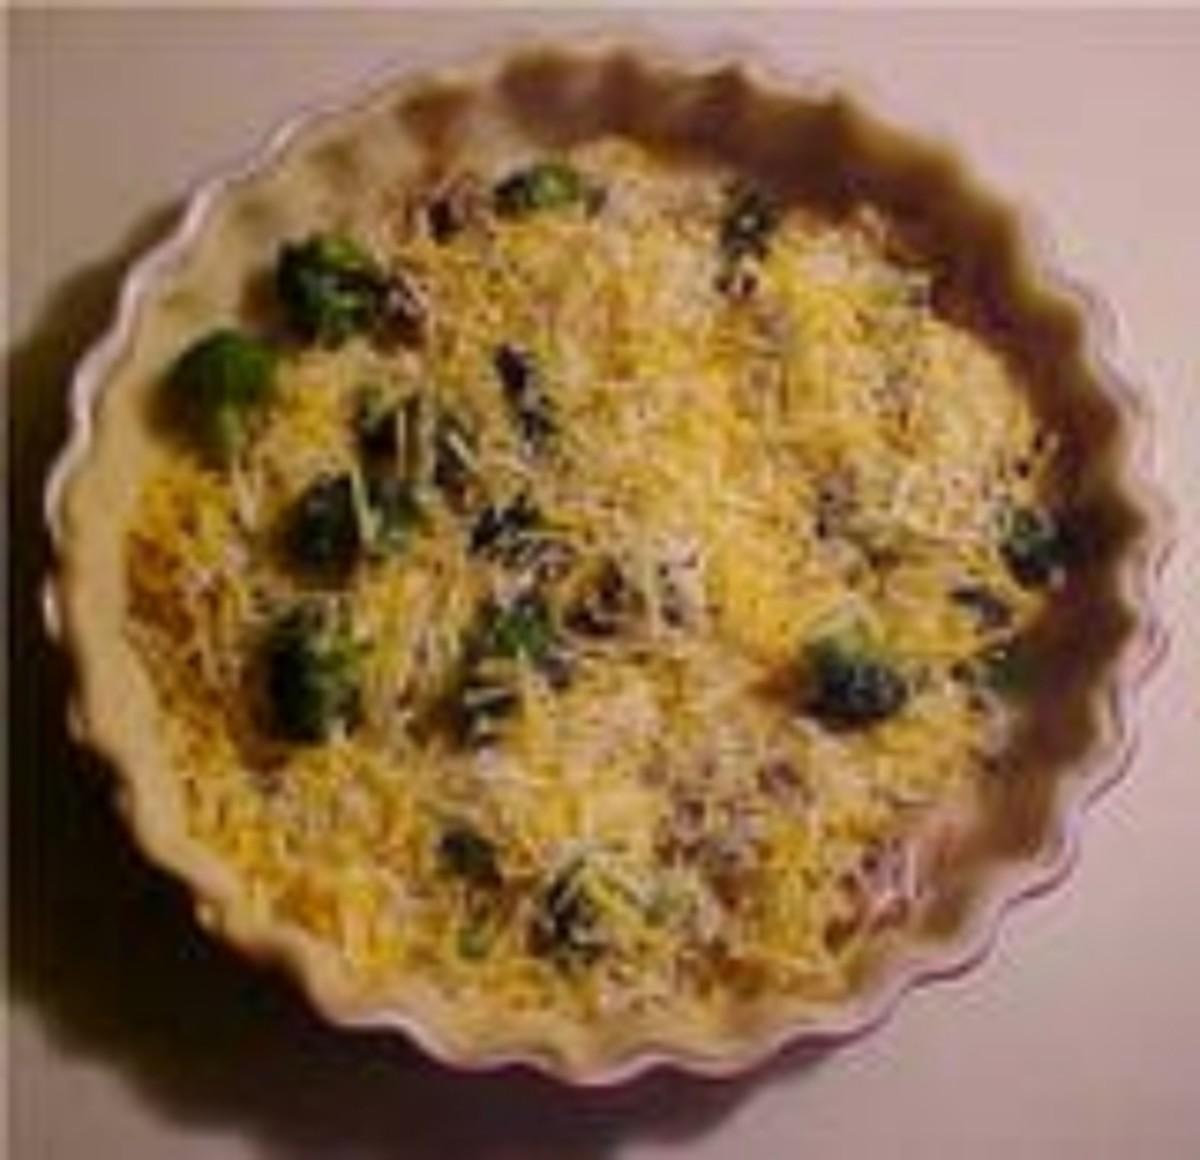 quick-easy-mushroom-broccoli-quiche-recipe